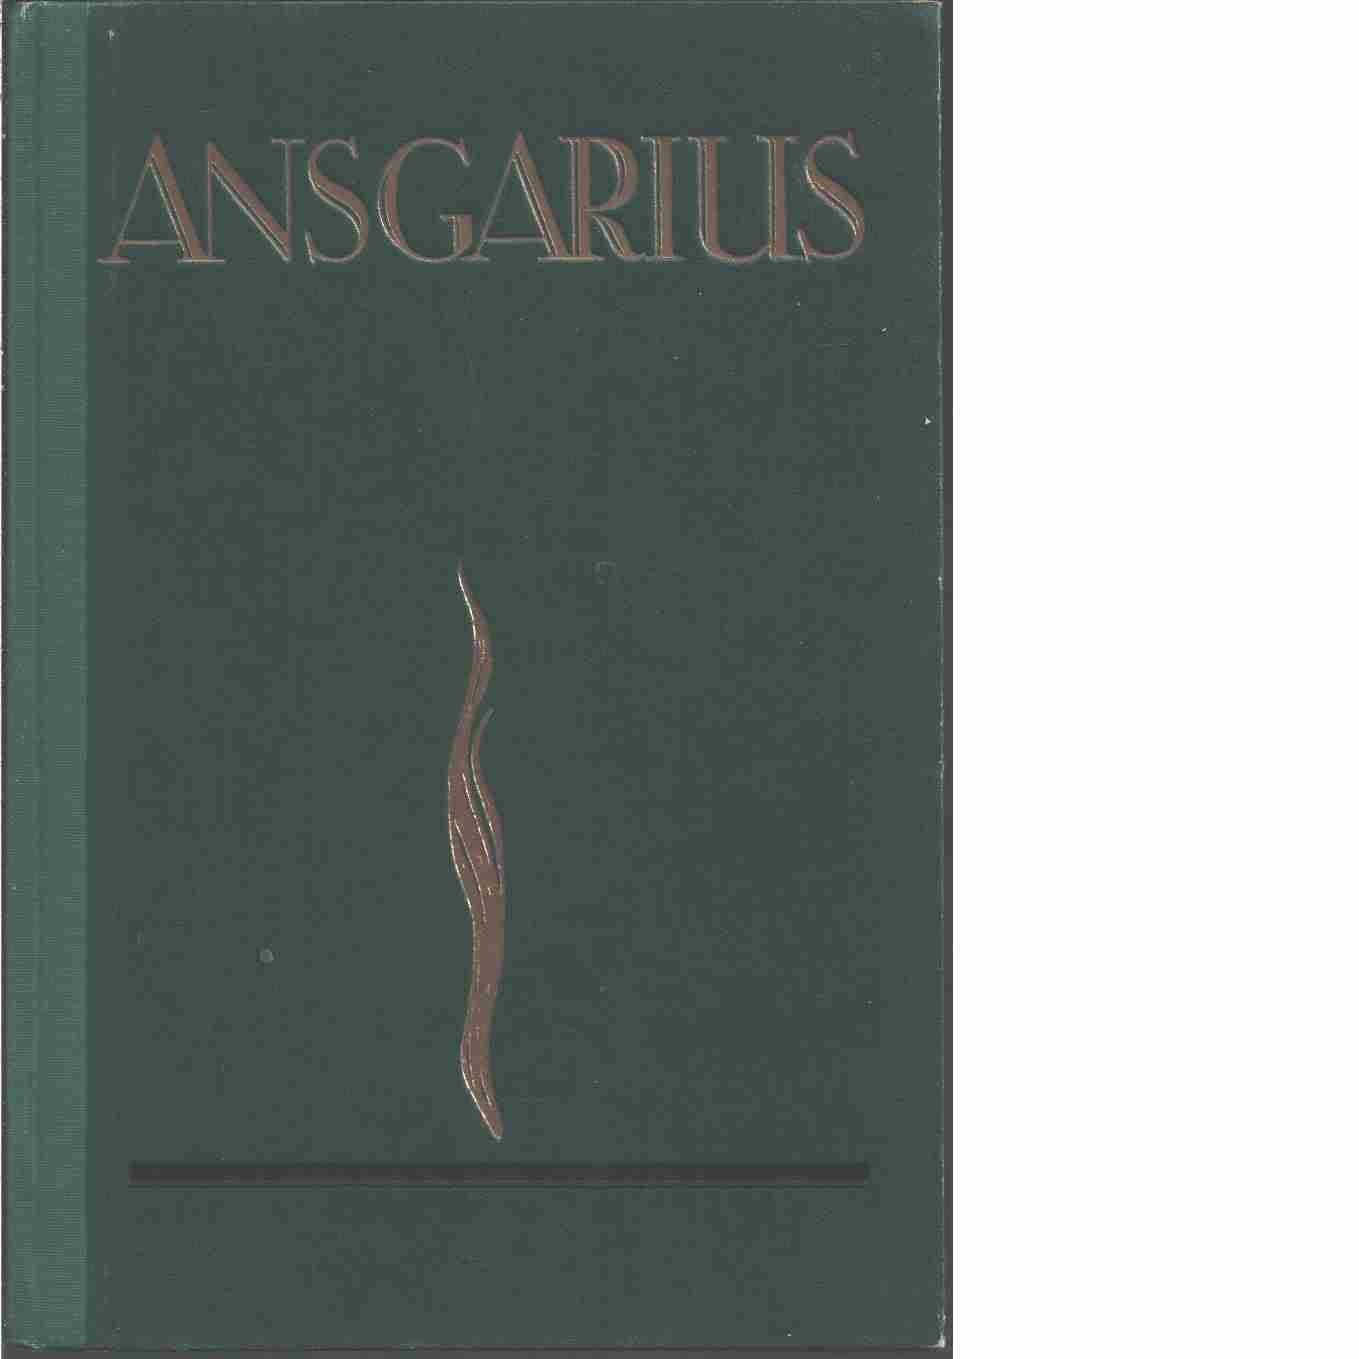 Ansgarius : Svenska missionsförbundets årsbok  - Red. Ansgarius : Svenska missionsförbundets årsbok